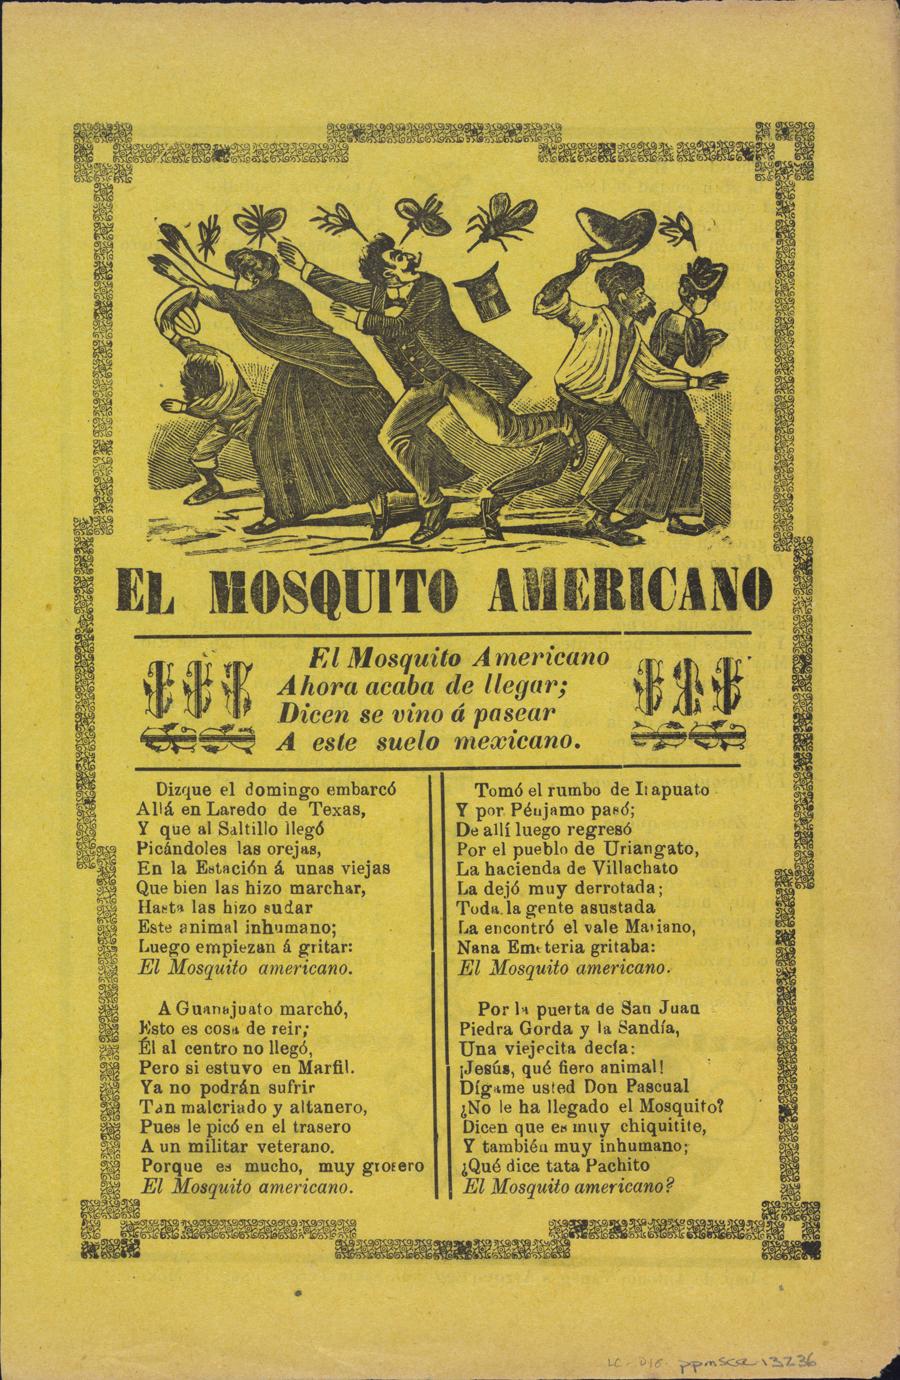 El mosquito americano